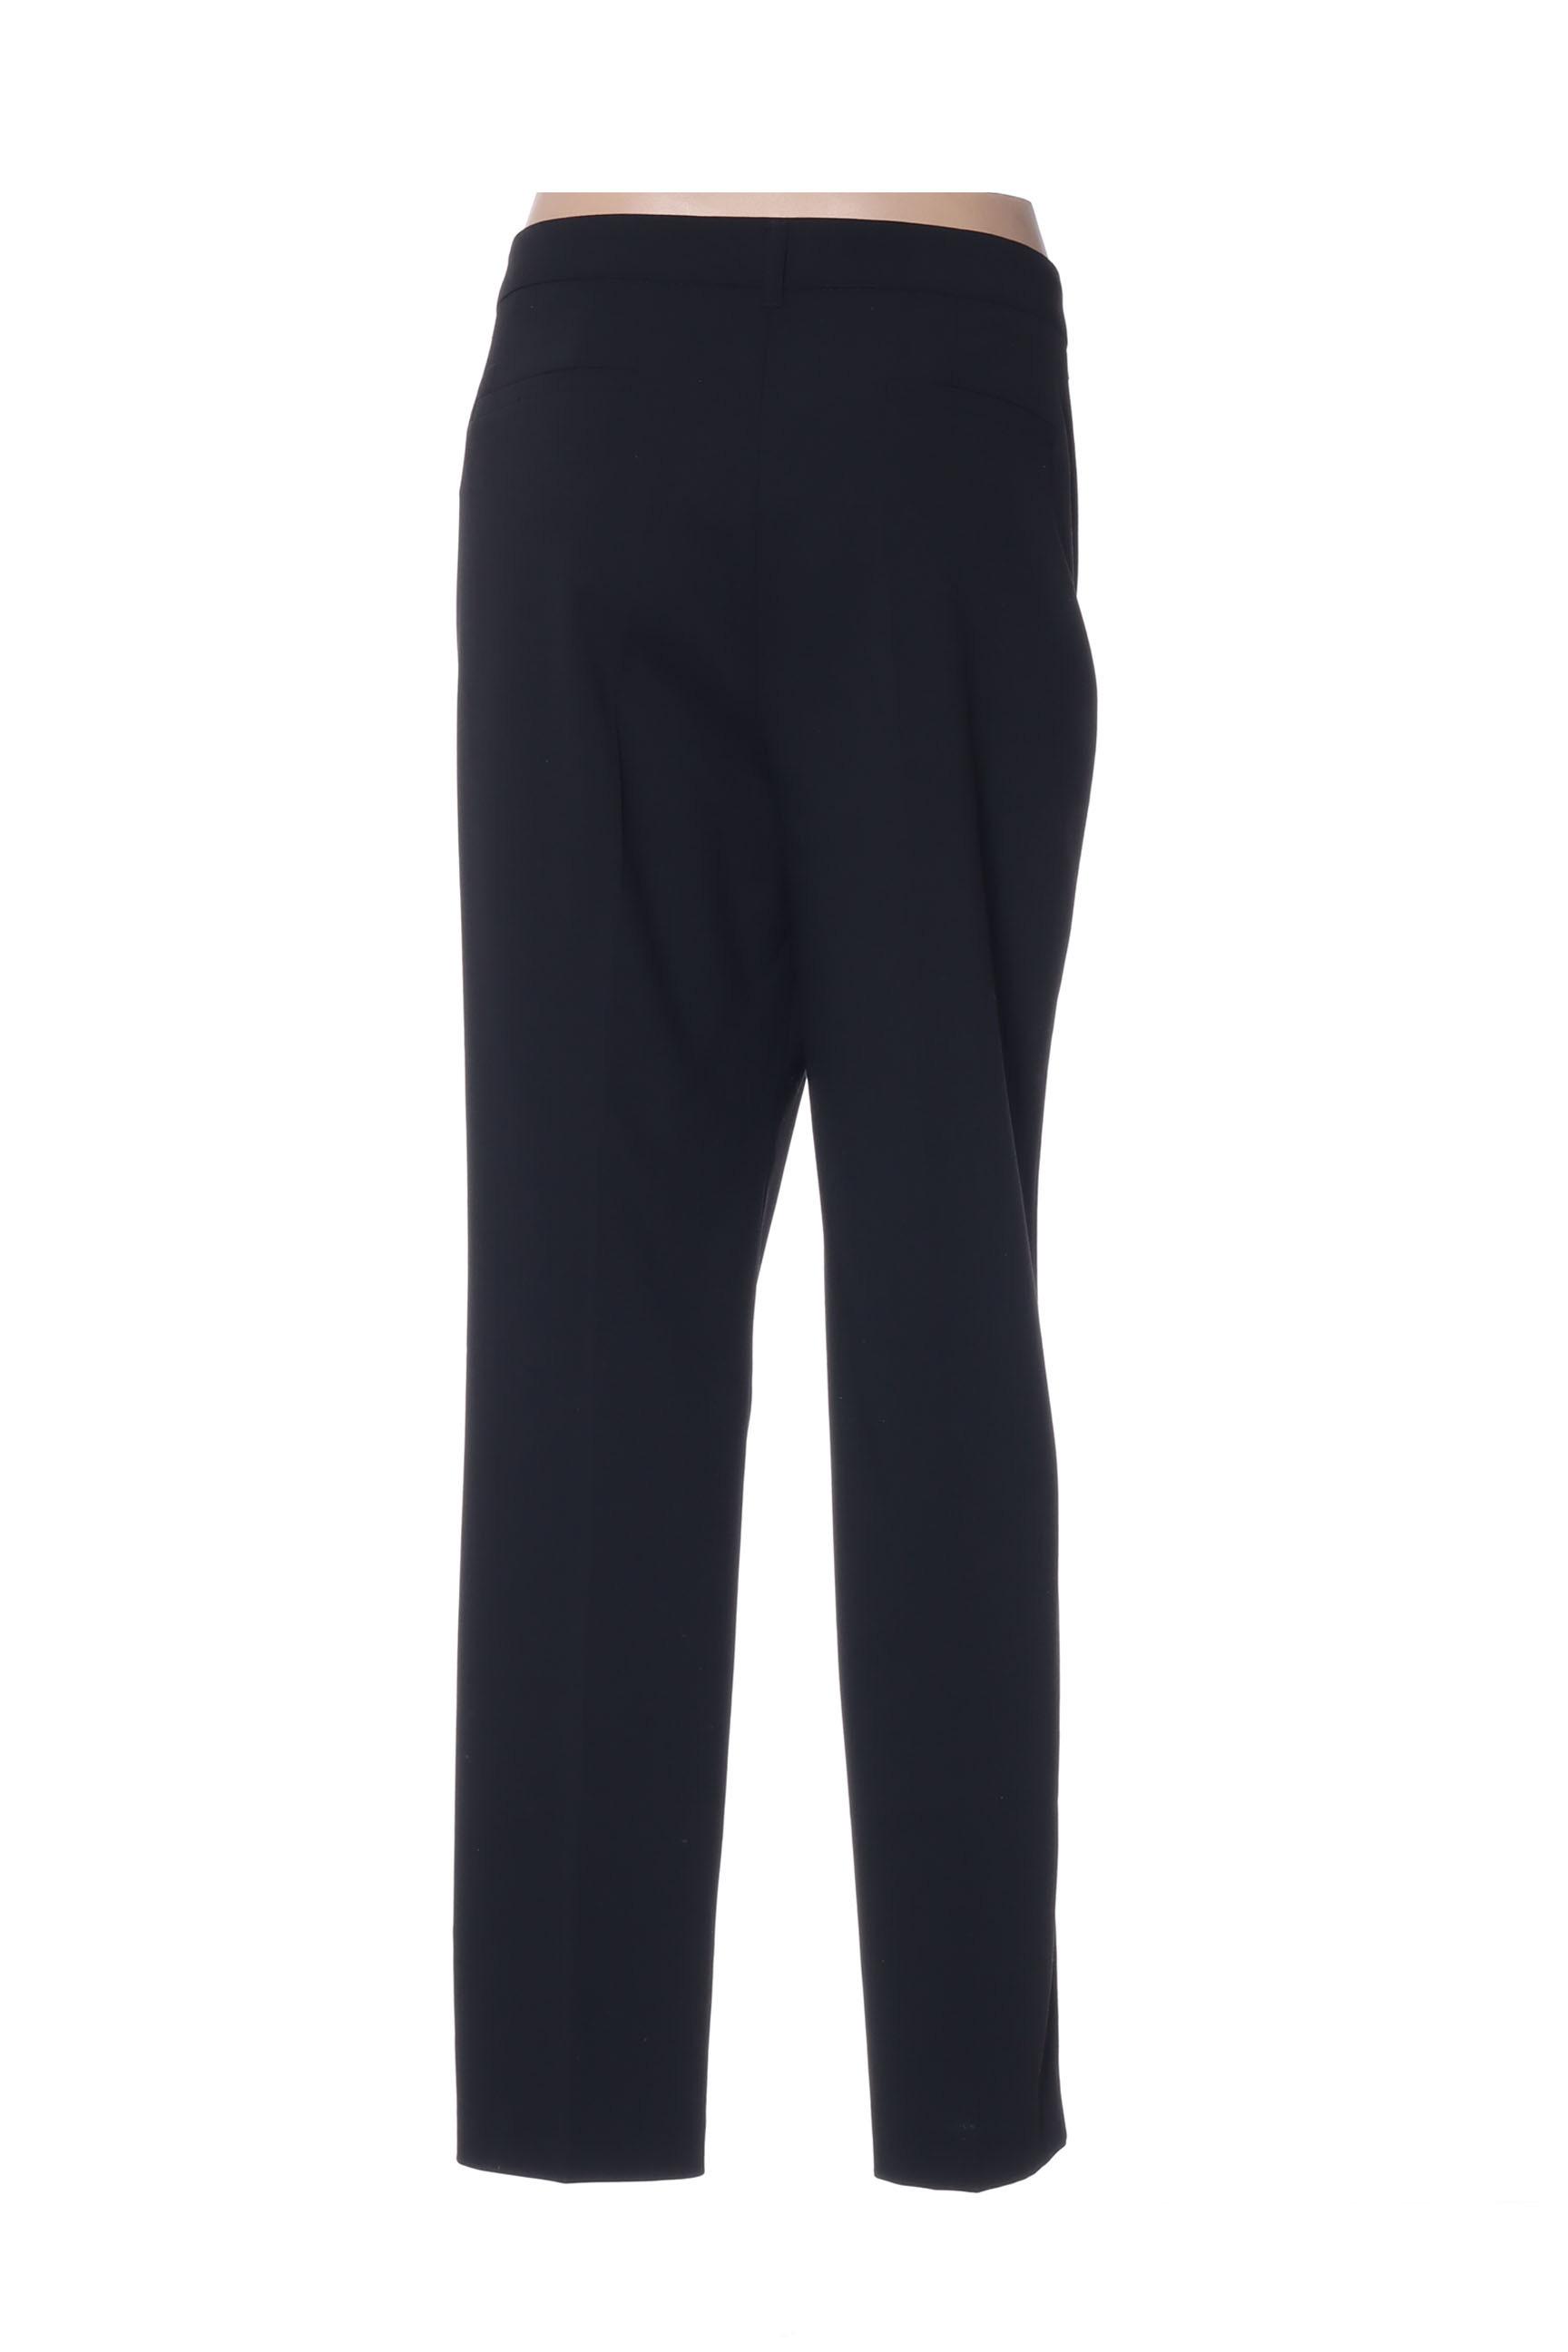 Betty Barclay Pantalons Citadins Femme De Couleur Noir En Soldes Pas Cher 1429494-noir00